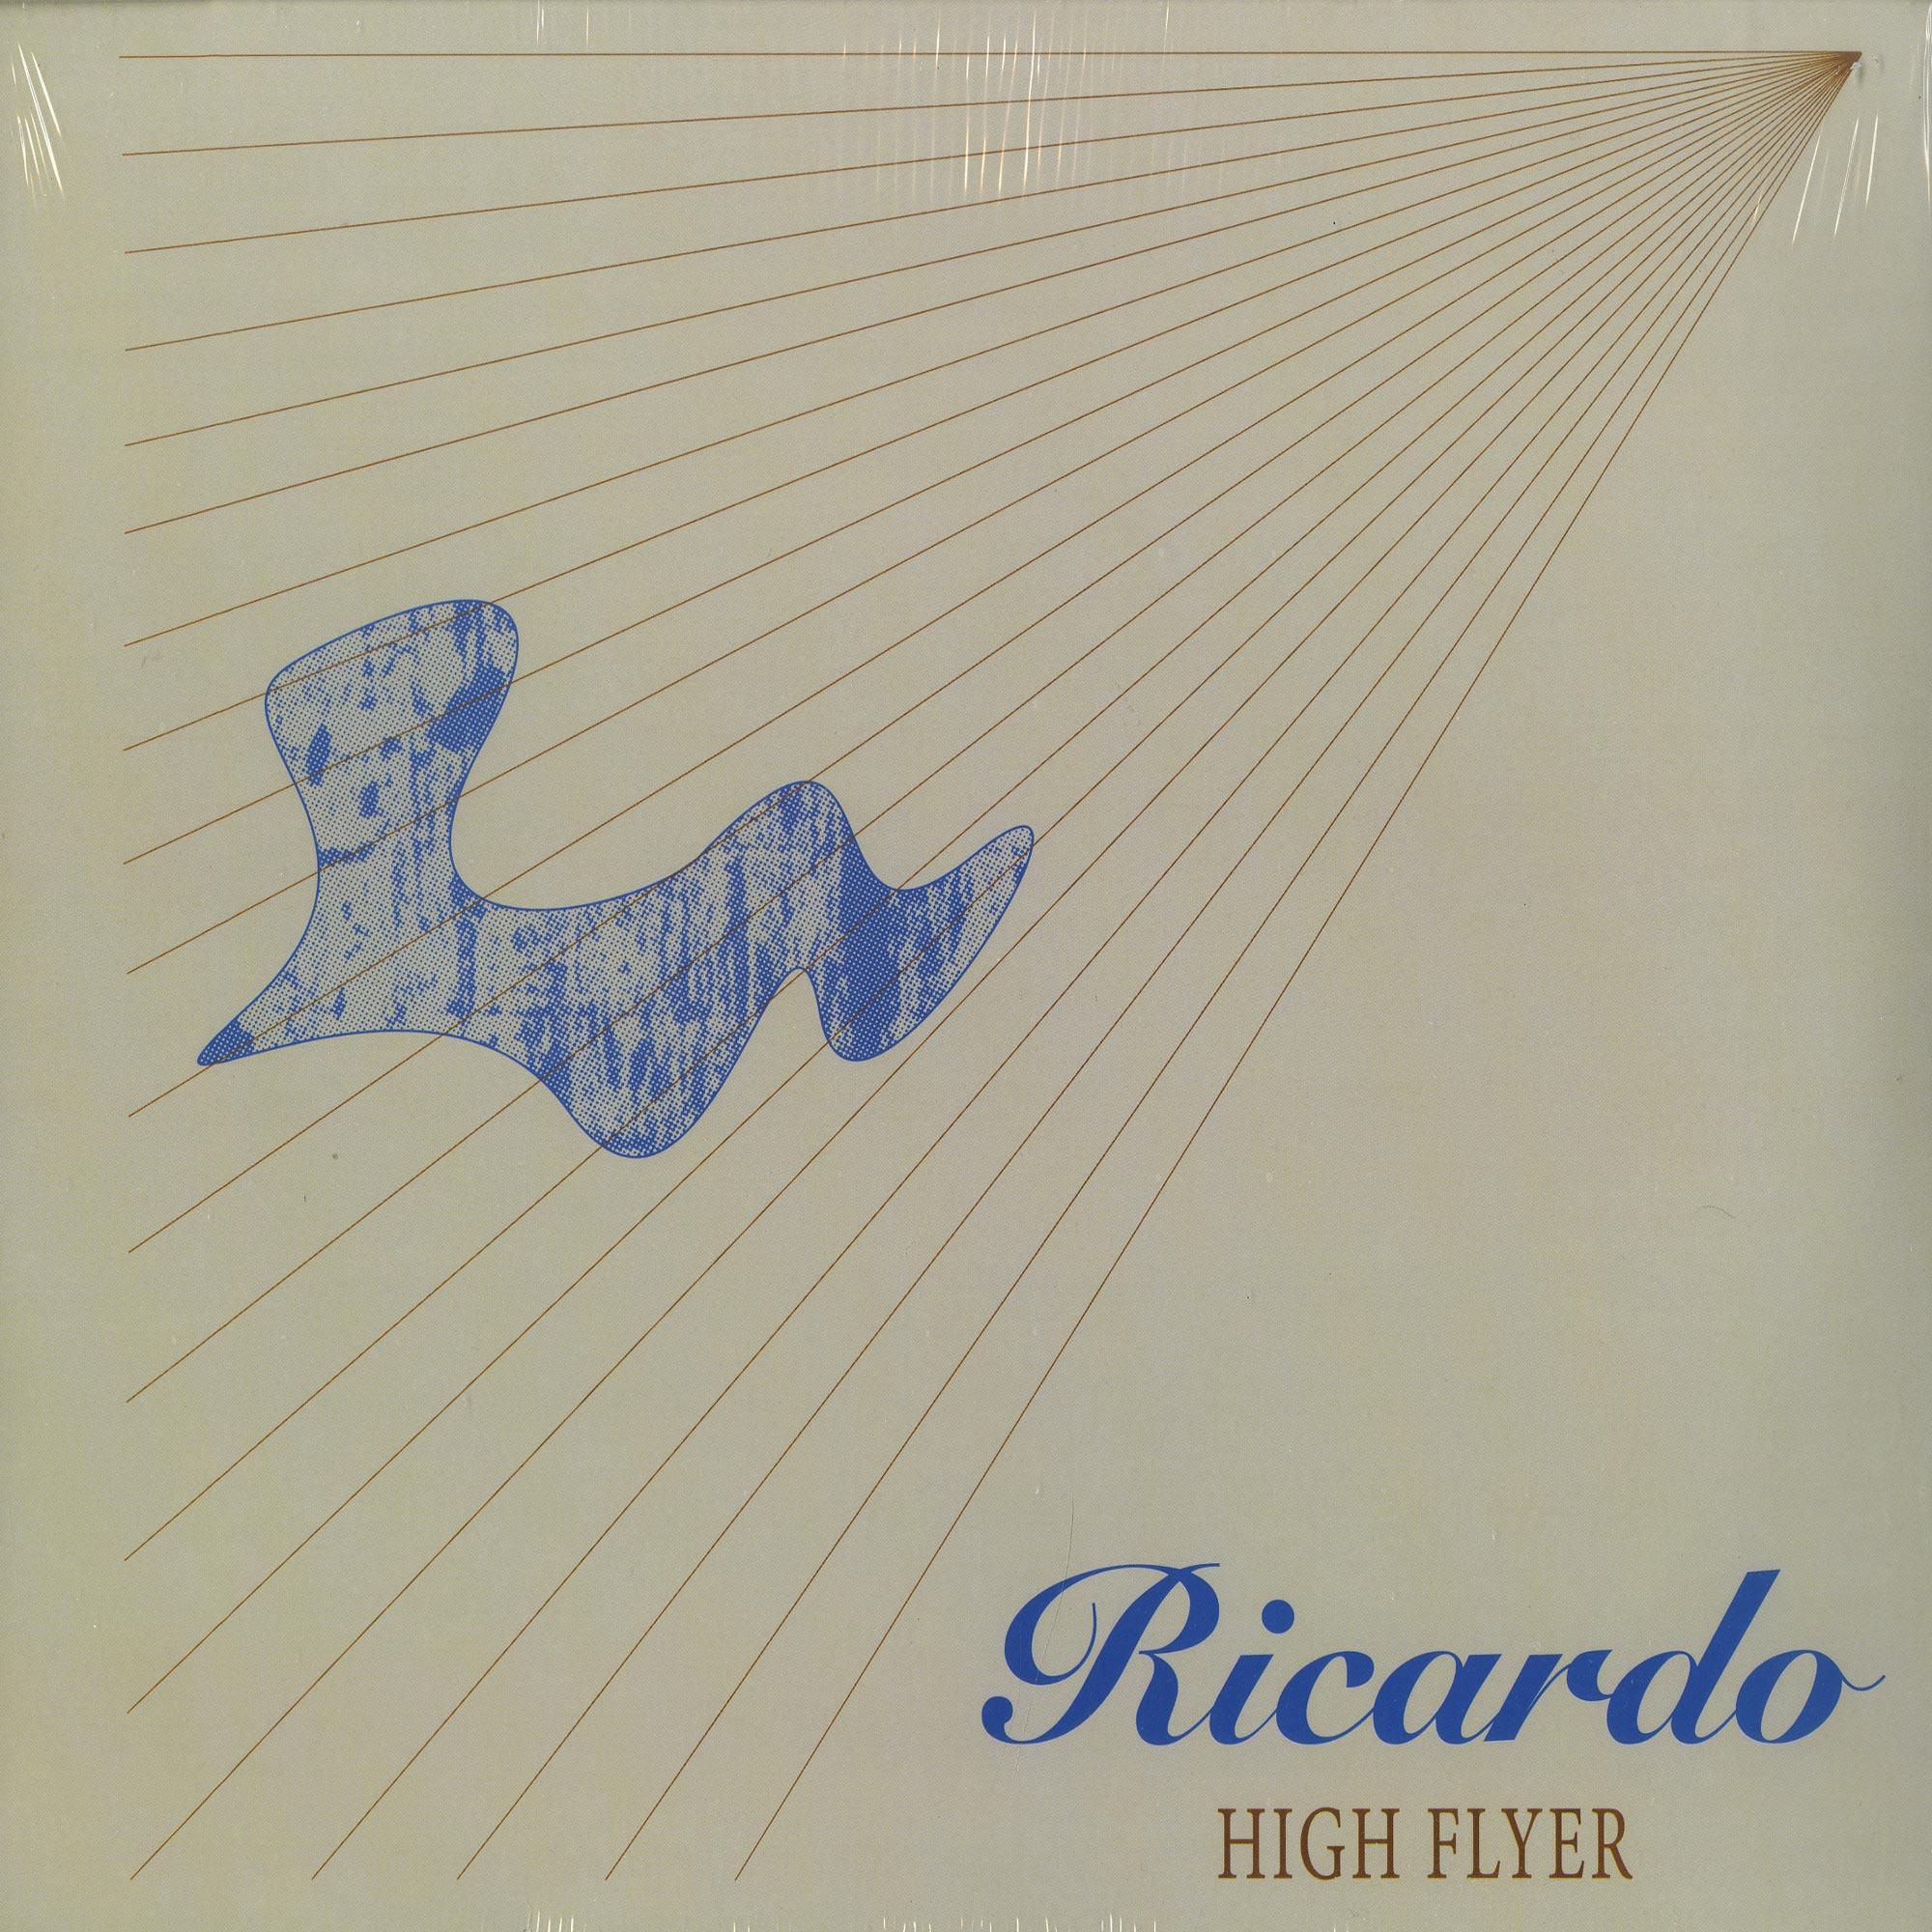 Ricardo - HIGH FLYER